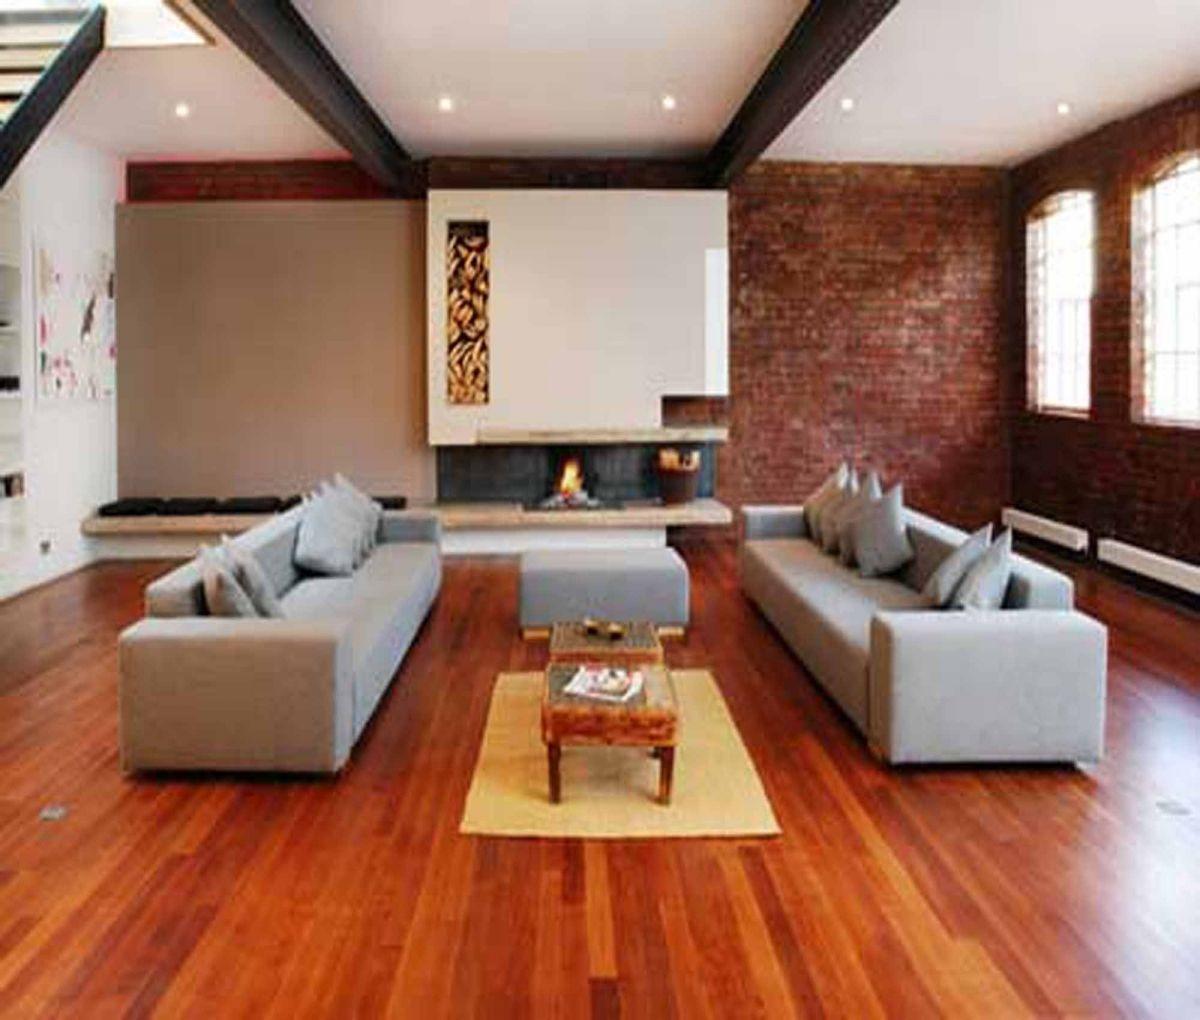 Tolle Ideen Für Home Interior Design - Kindermöbel haben eine schöne ...